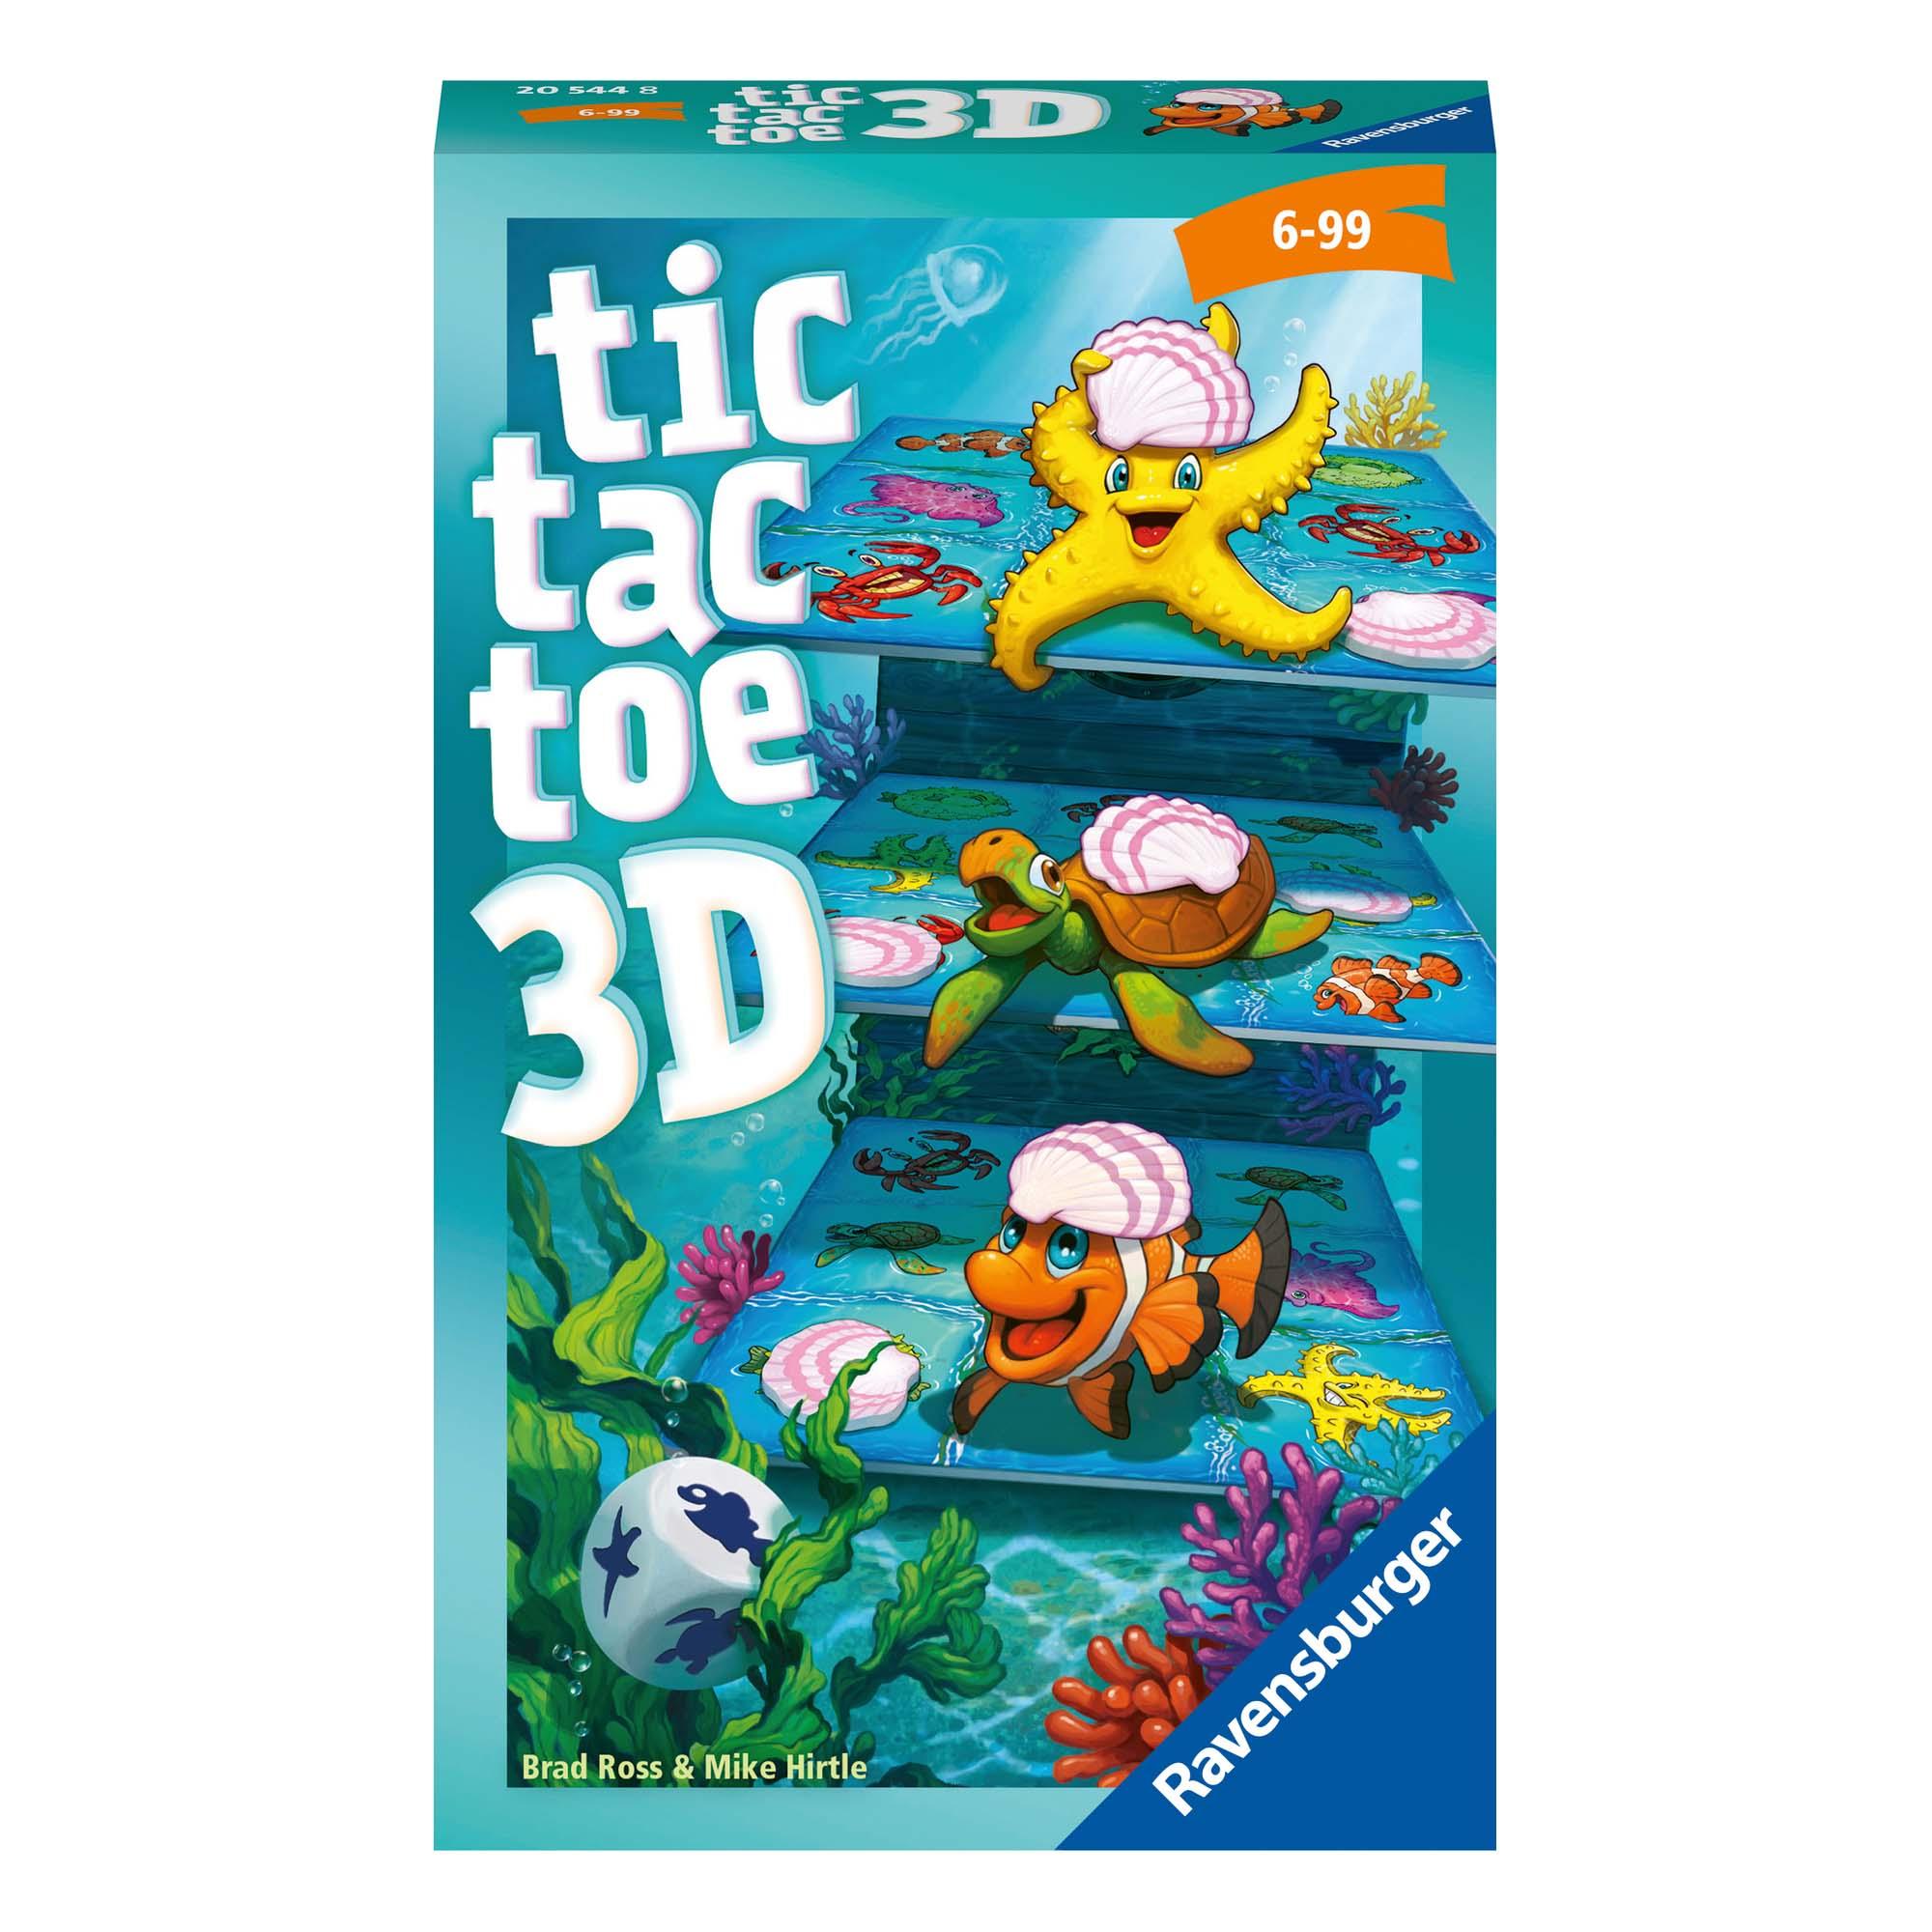 Afbeelding van Spel Boter Kaas Eieren 3D Pocket